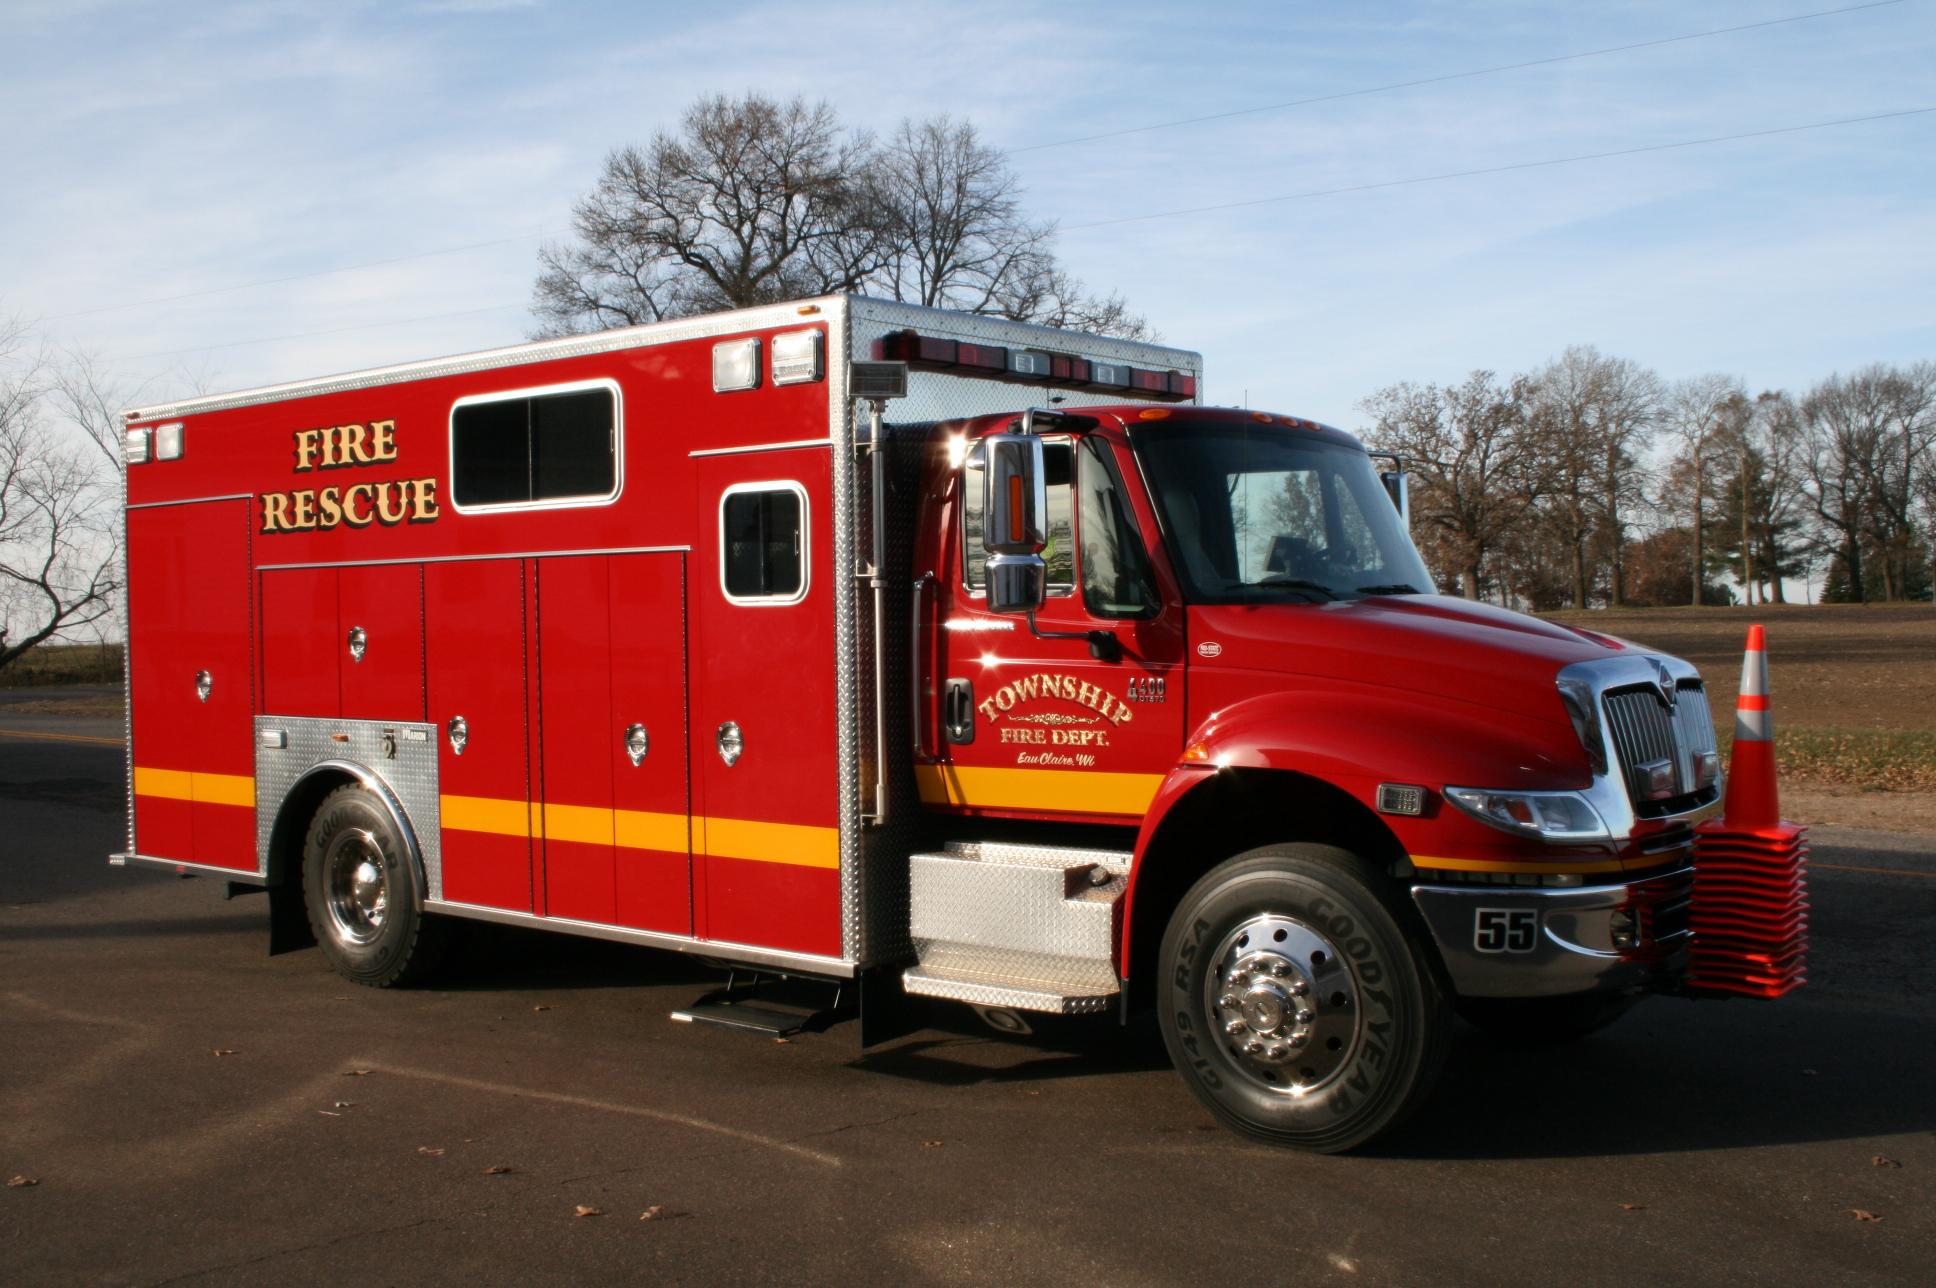 Fire rescue #55